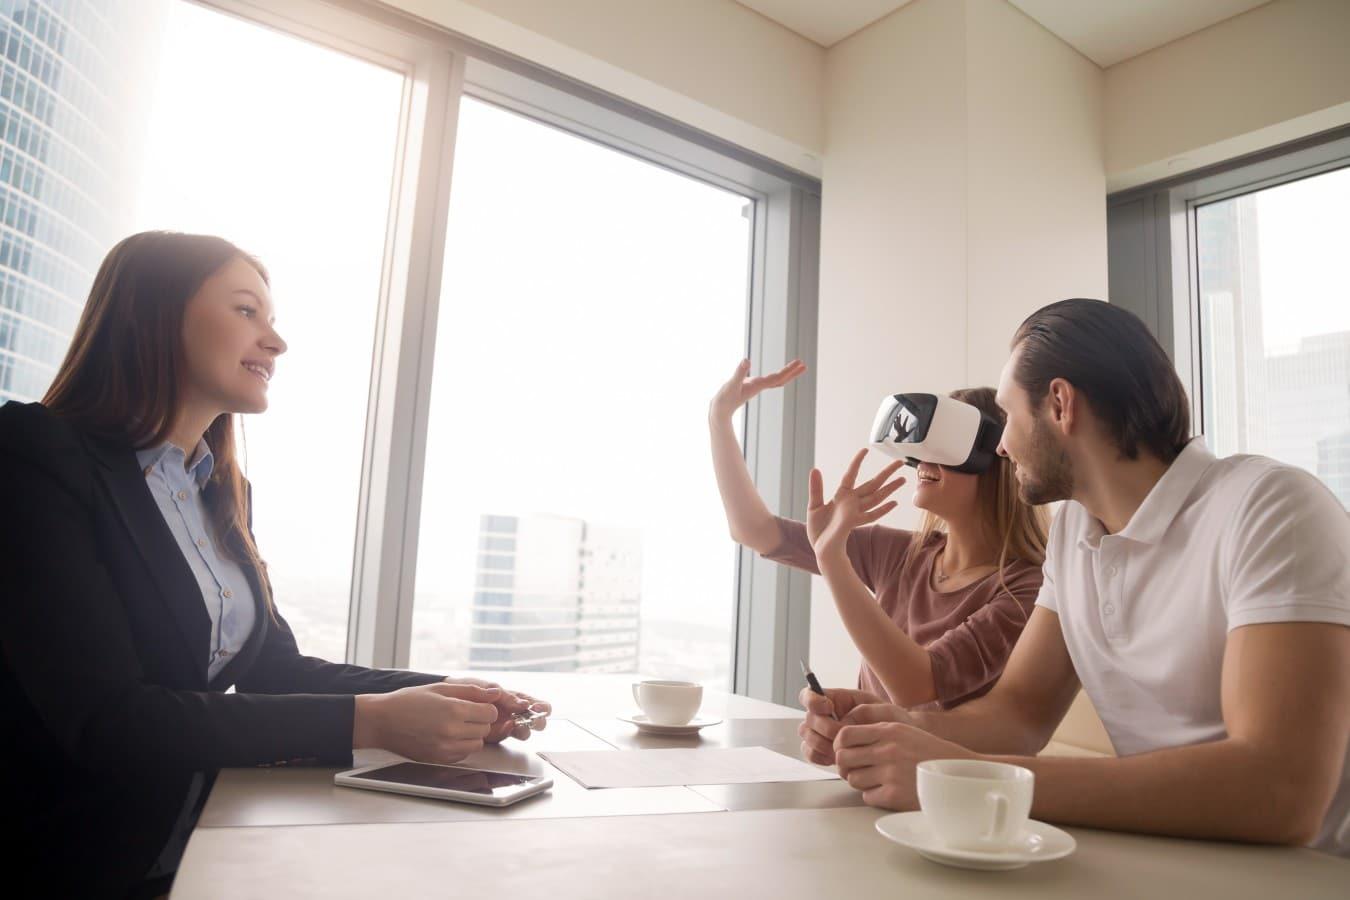 VR-терапия, виртуальная реальность